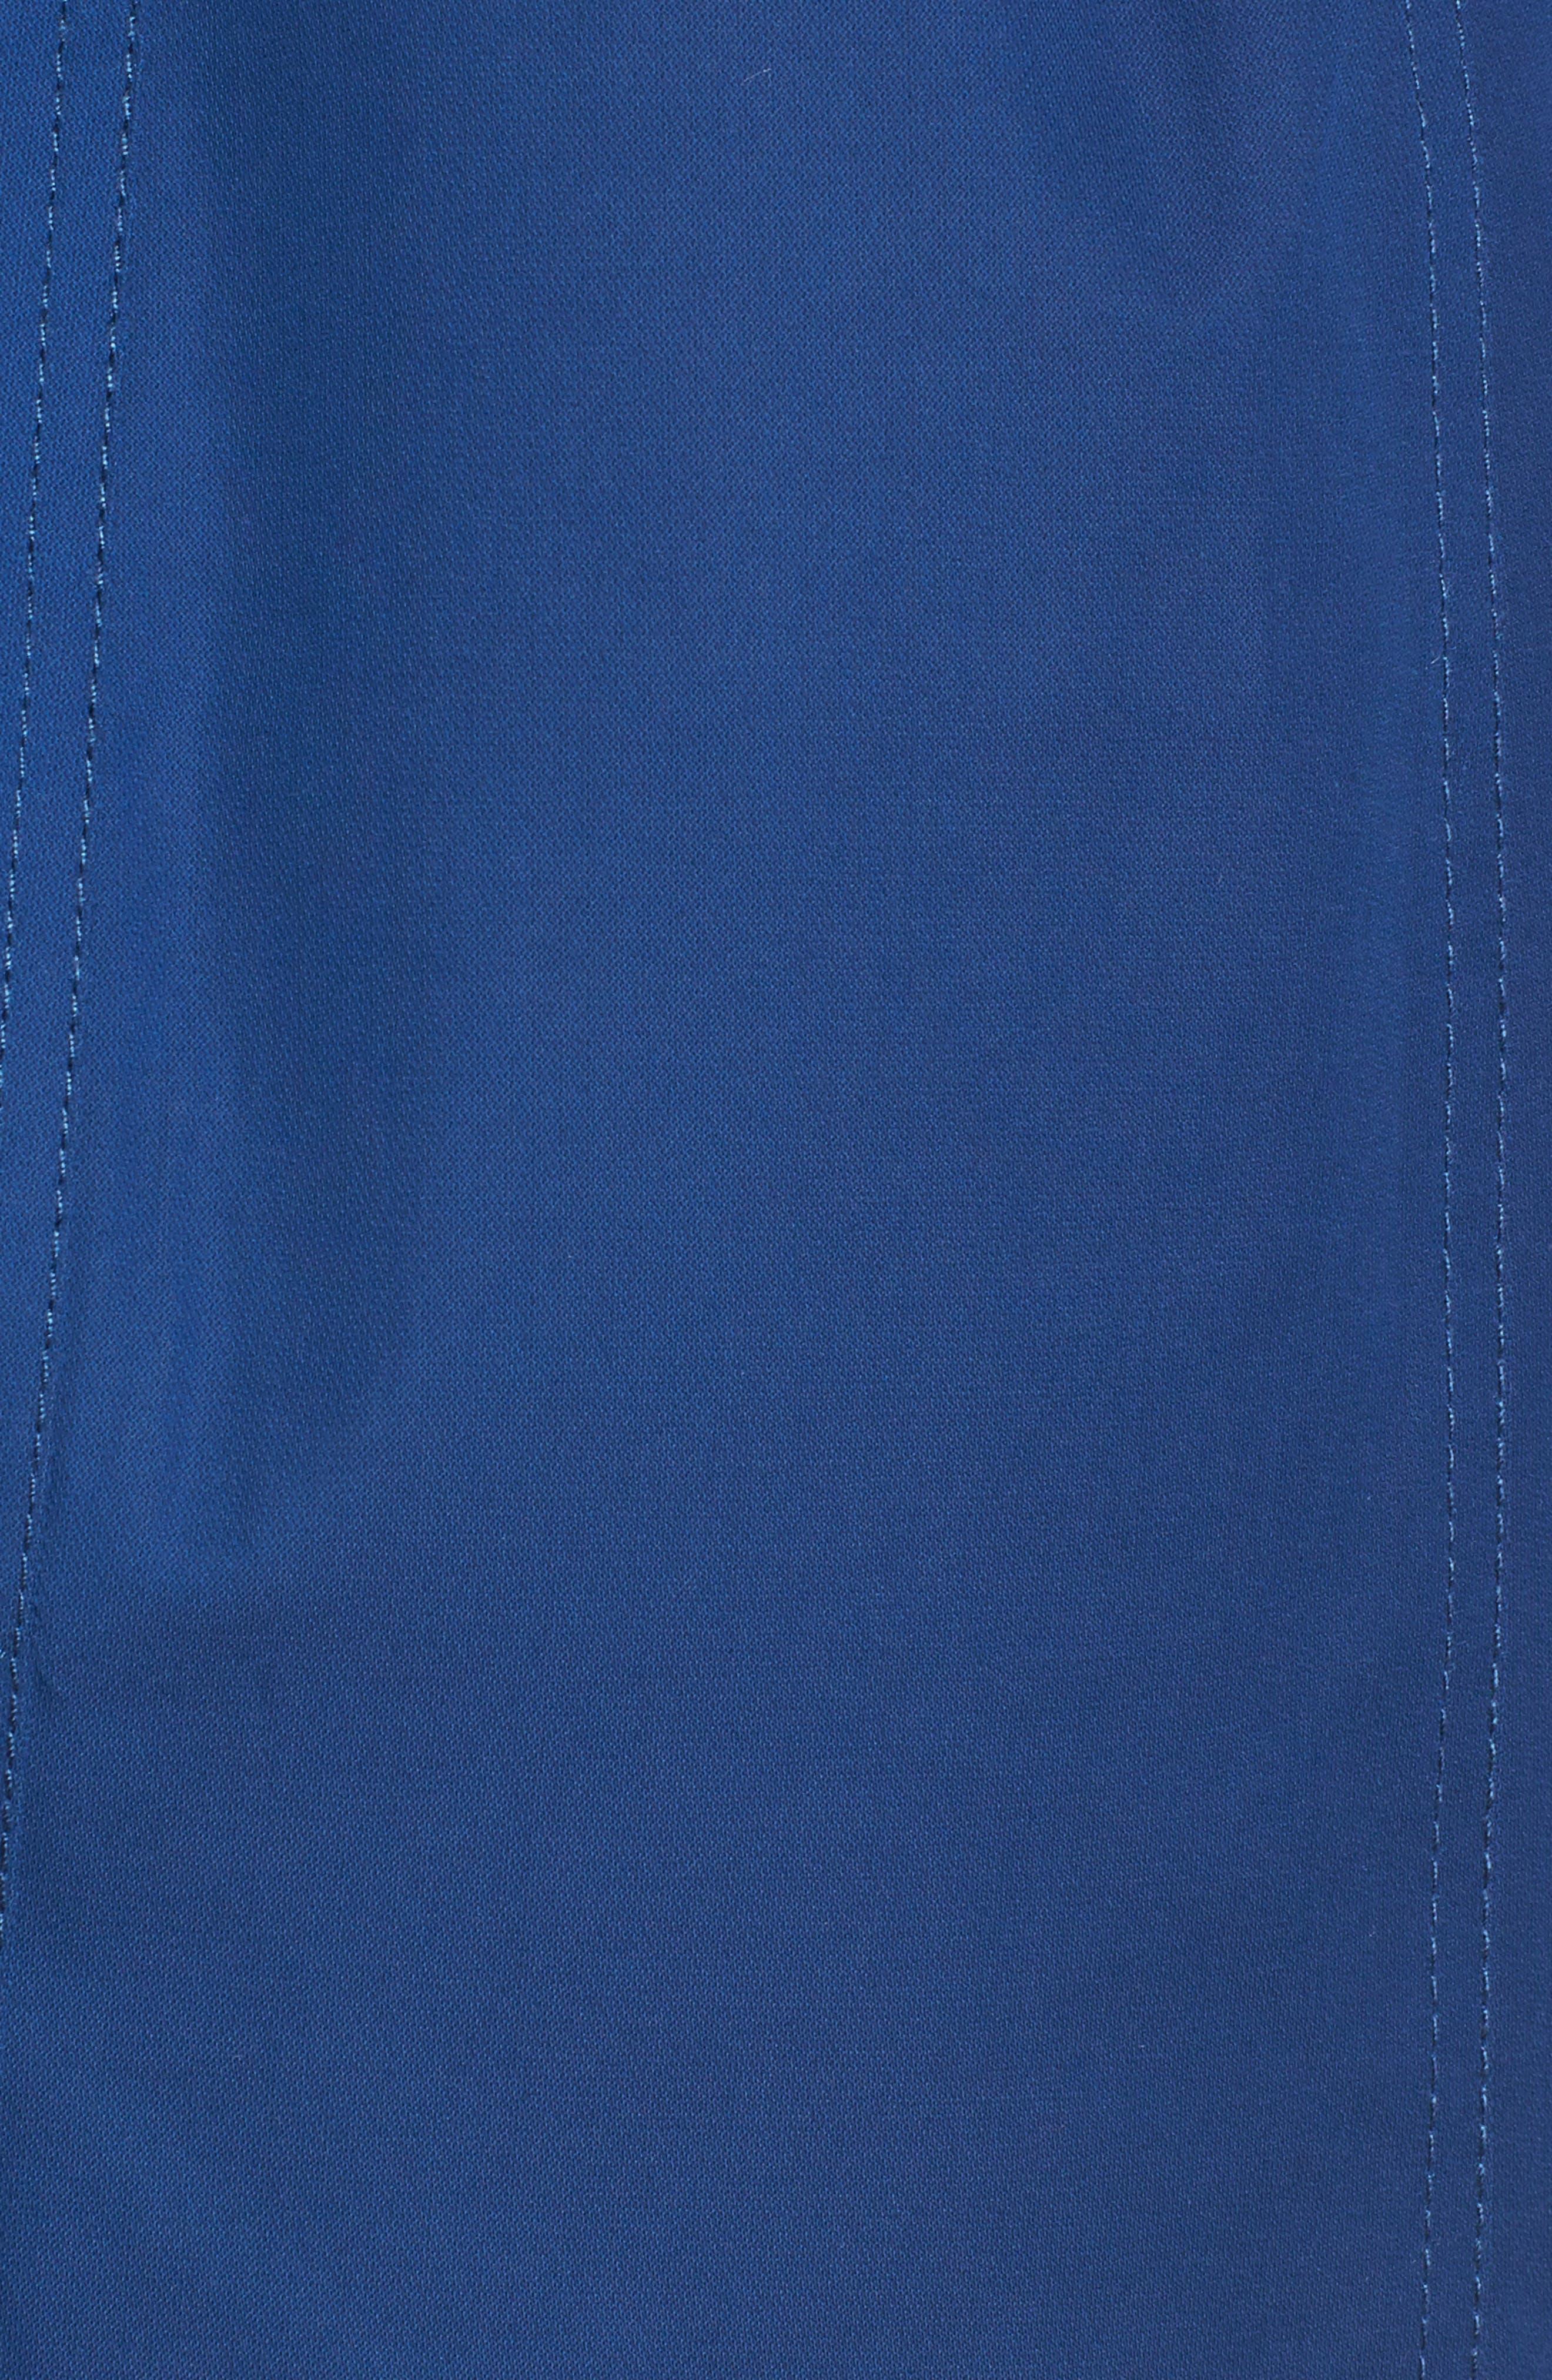 Belted Parka Jacket,                             Alternate thumbnail 17, color,